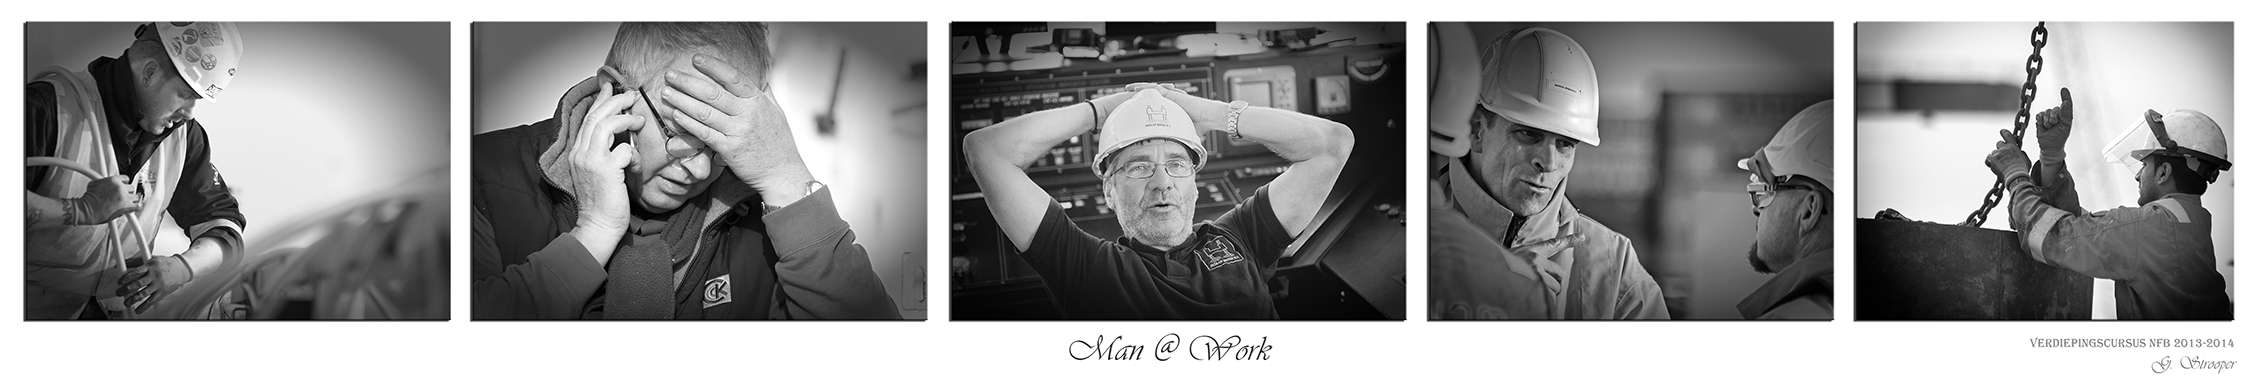 Man@Work